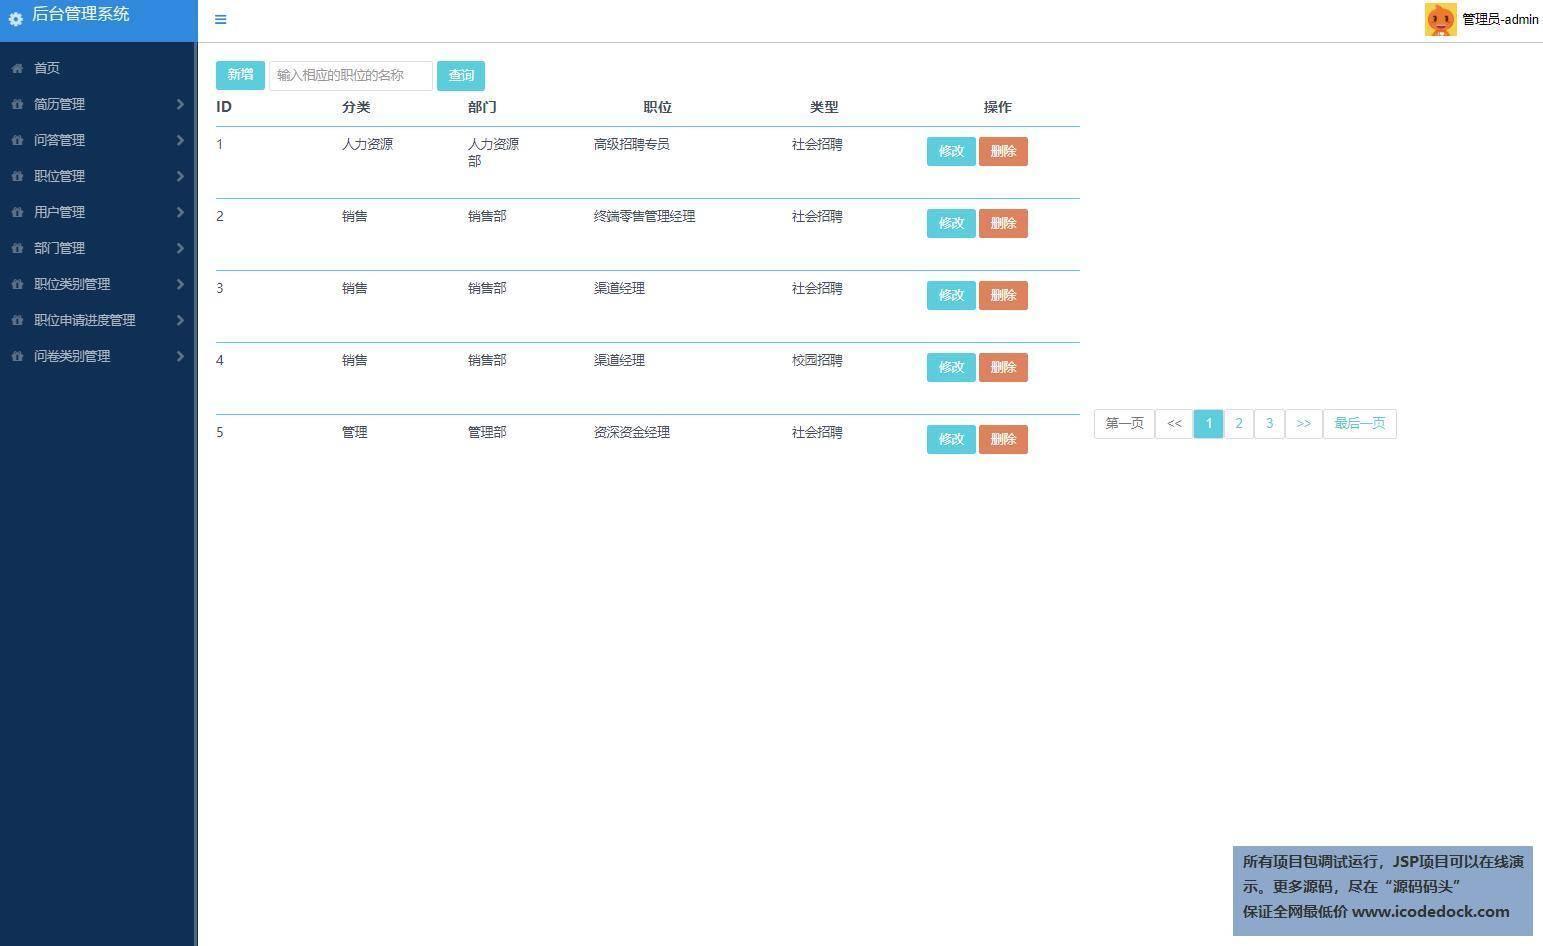 源码码头-SpringBoot招聘网站项目-管理员角色-职位管理